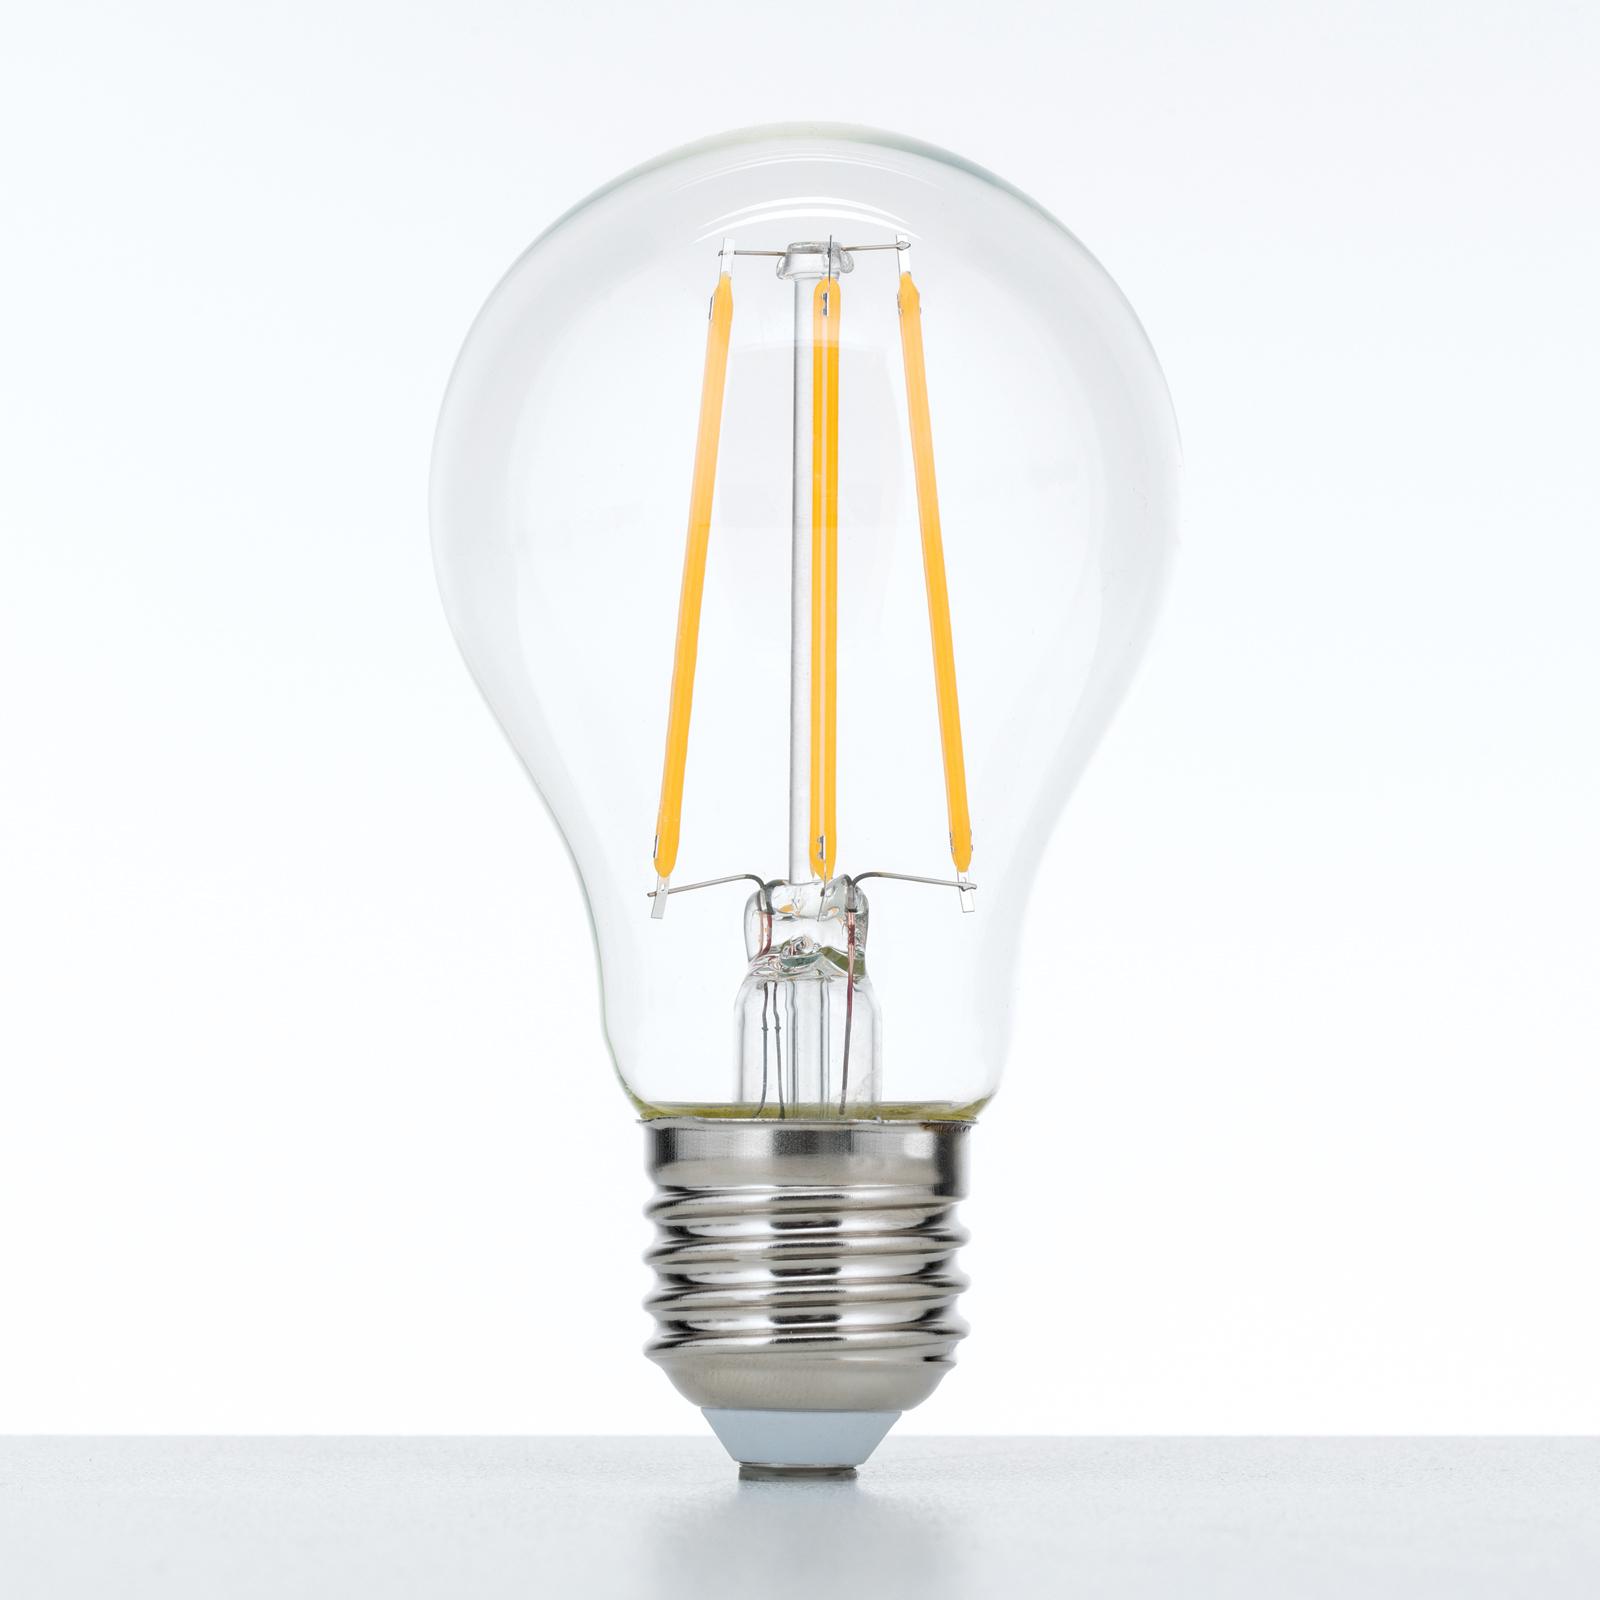 LED-Filament-Lampe E27 8W, warmweiß, dimmbar